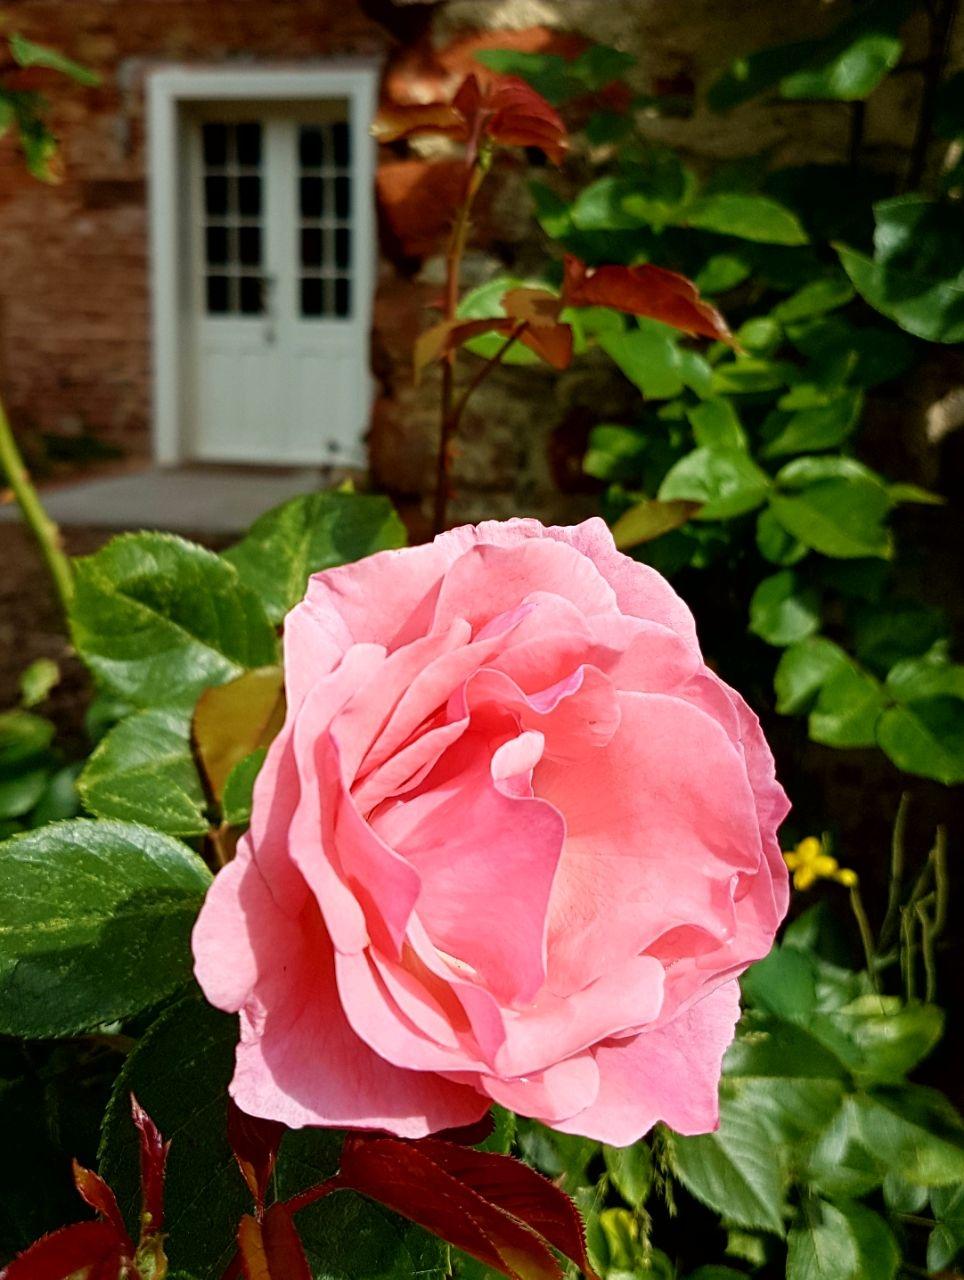 Bilder aus dem Garten